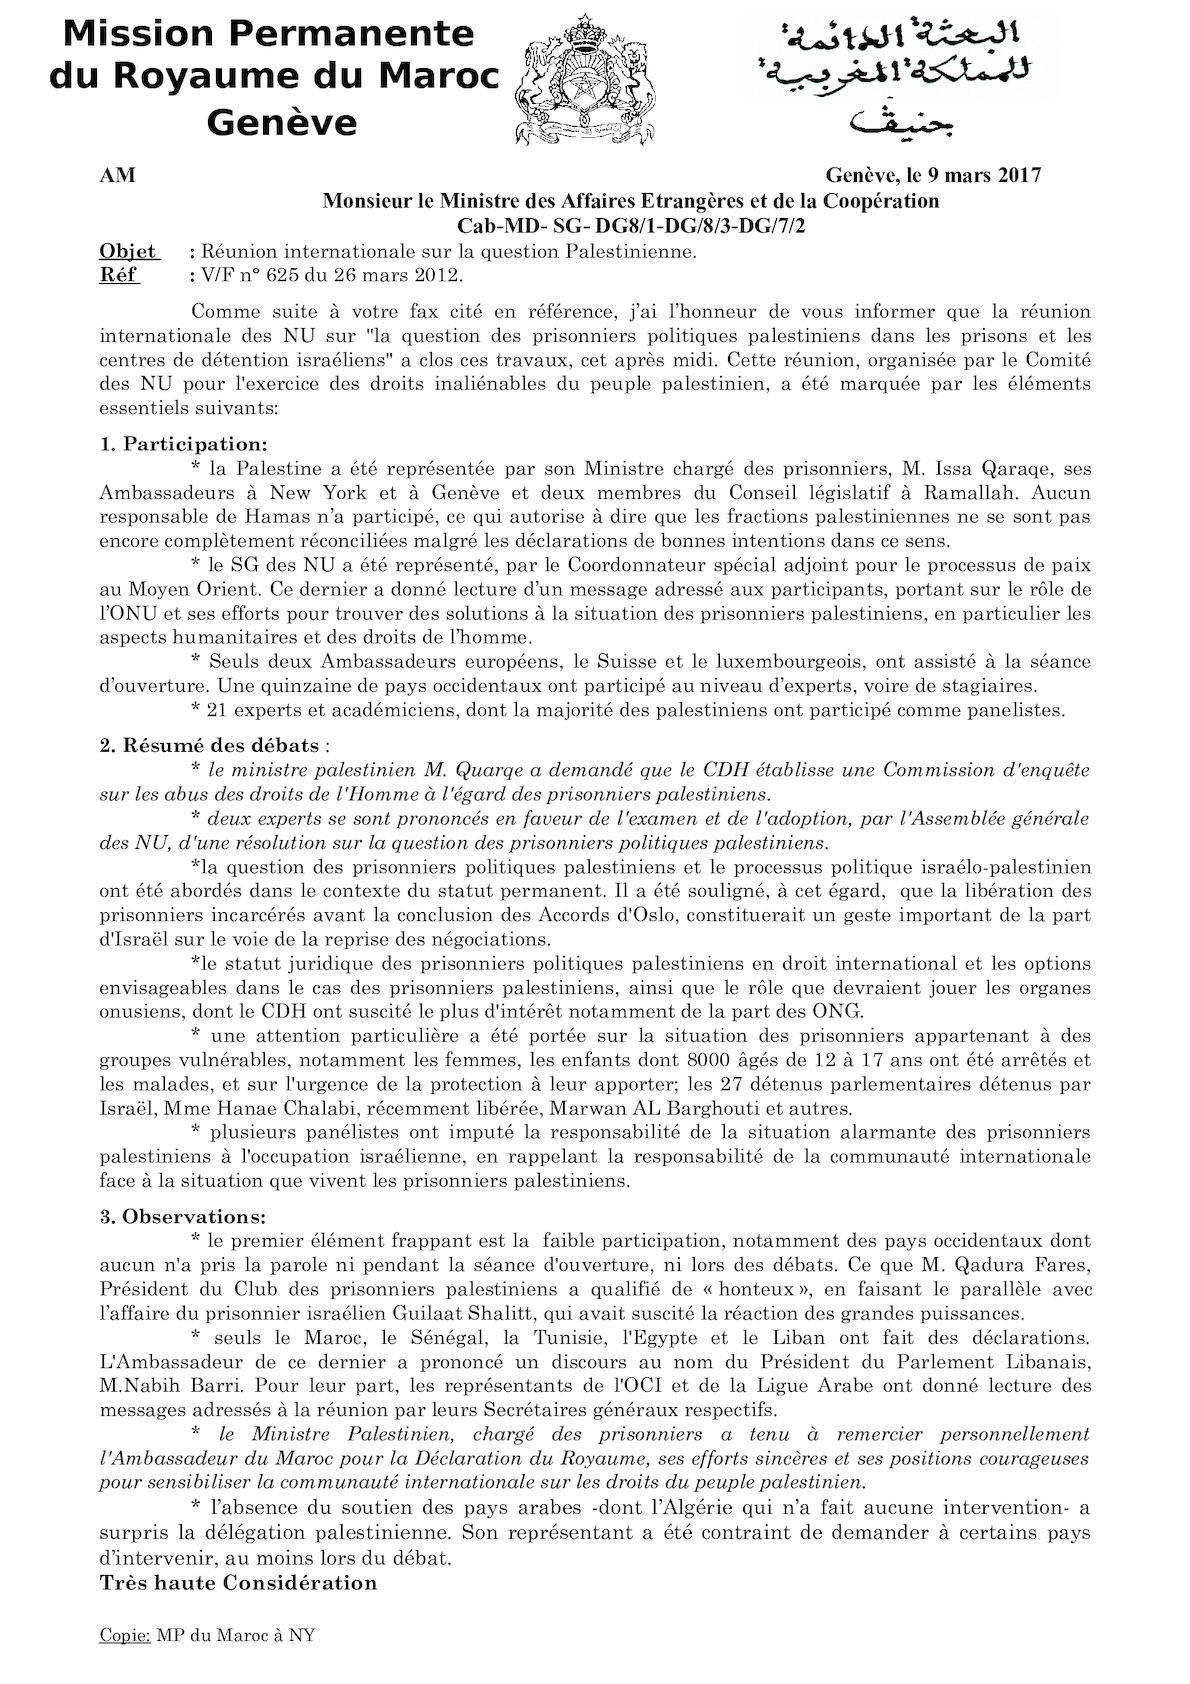 Fax Du 4 4 2012 Comité Sur Les Droits Palestine(1)